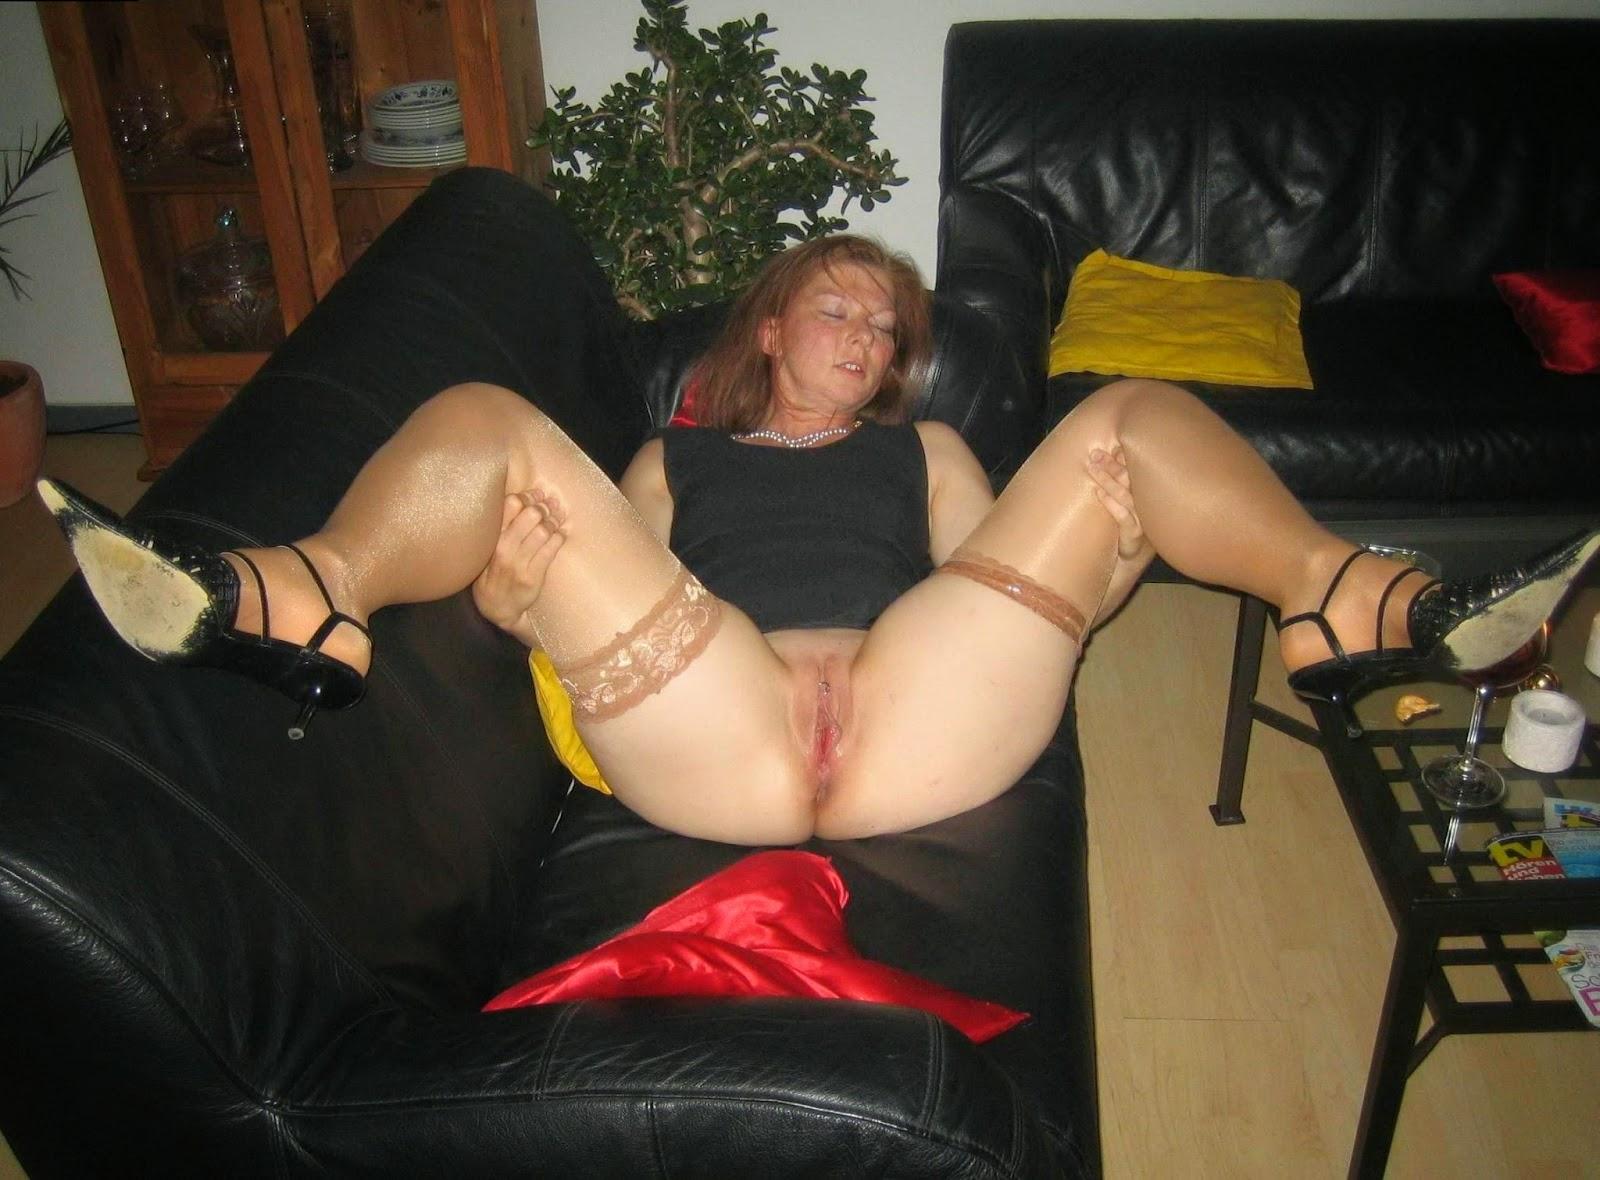 Пьяная женщина без трусов фото, Спящие пьяные девушки (150 фото голых девок.) 2 фотография